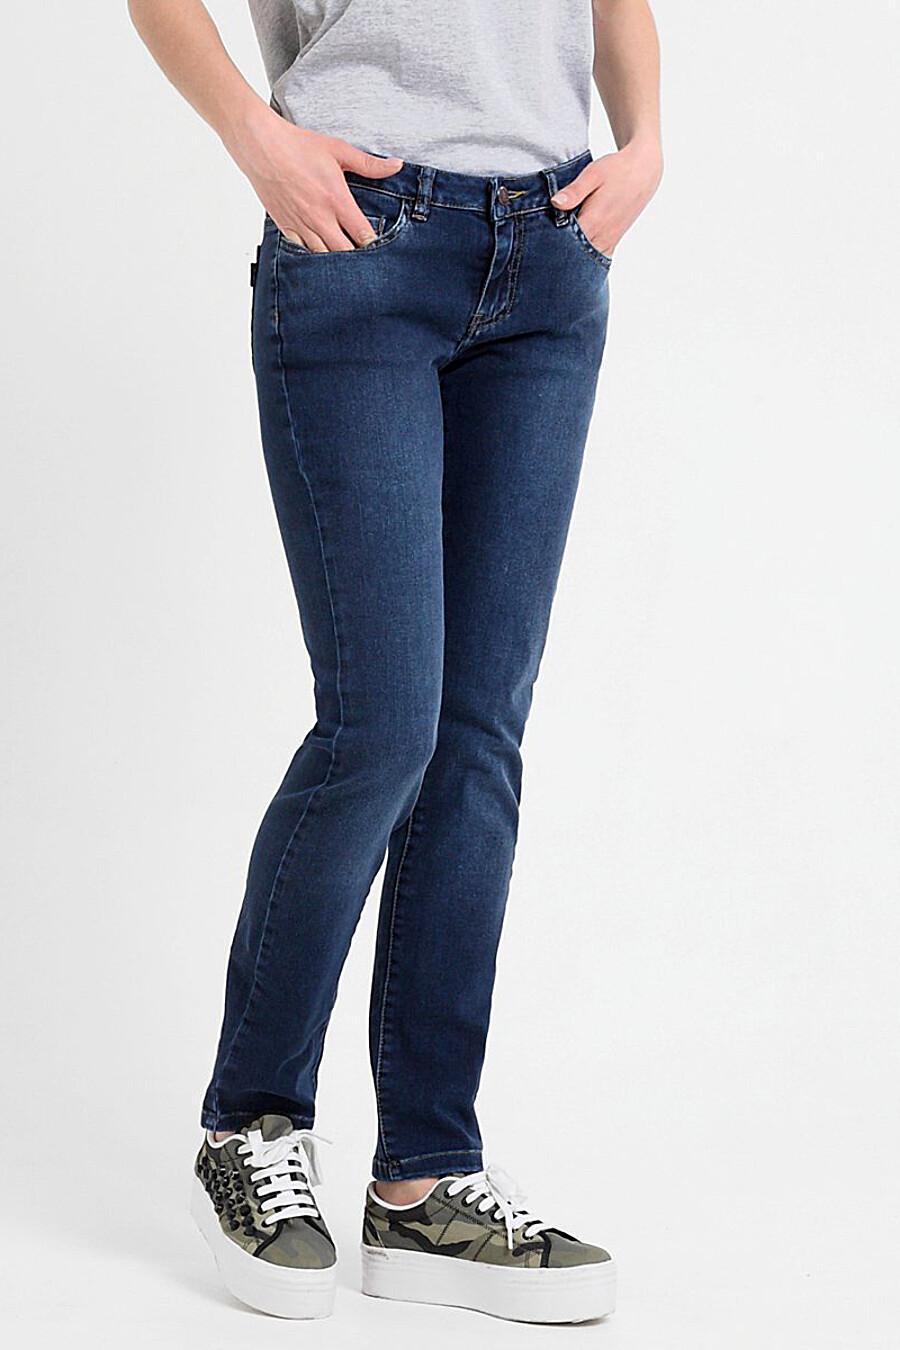 Джинсы для женщин F5 184818 купить оптом от производителя. Совместная покупка женской одежды в OptMoyo